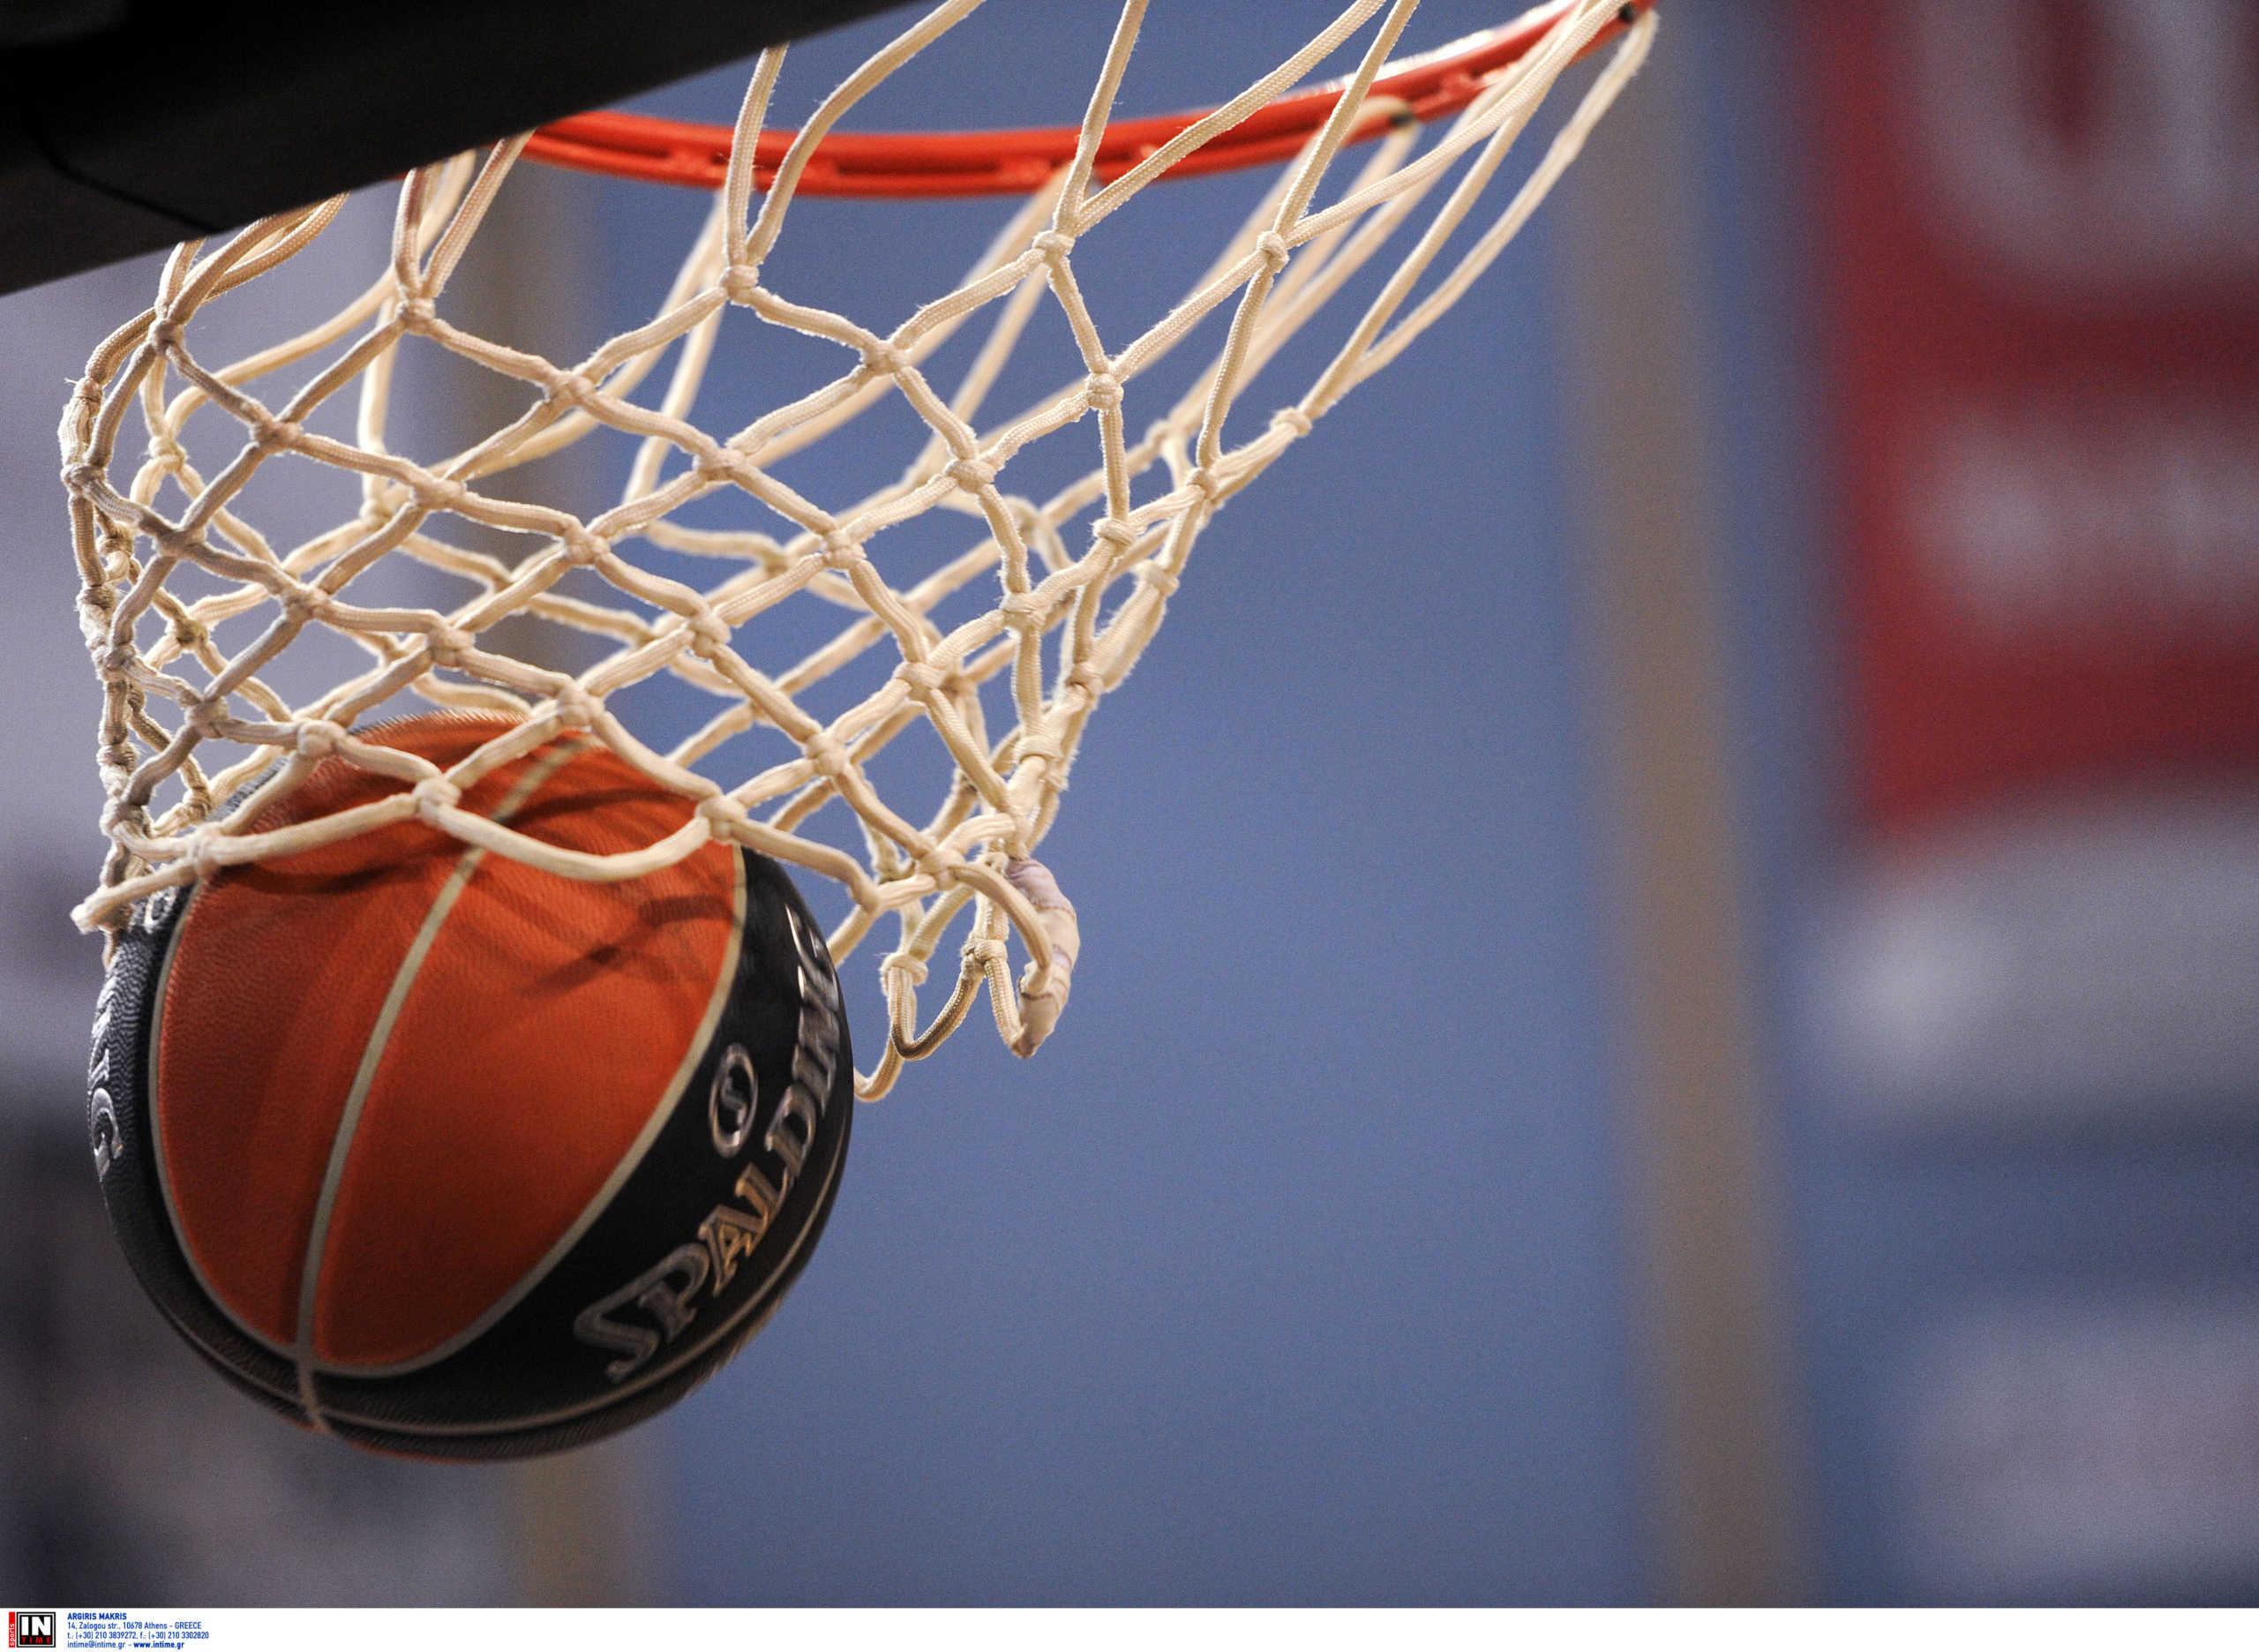 Ο ΠΣΑΚ καλύπτει τα έξοδα για rapid test στην Α2 και ζητάει άμεση επανέναρξη των πρωταθλημάτων